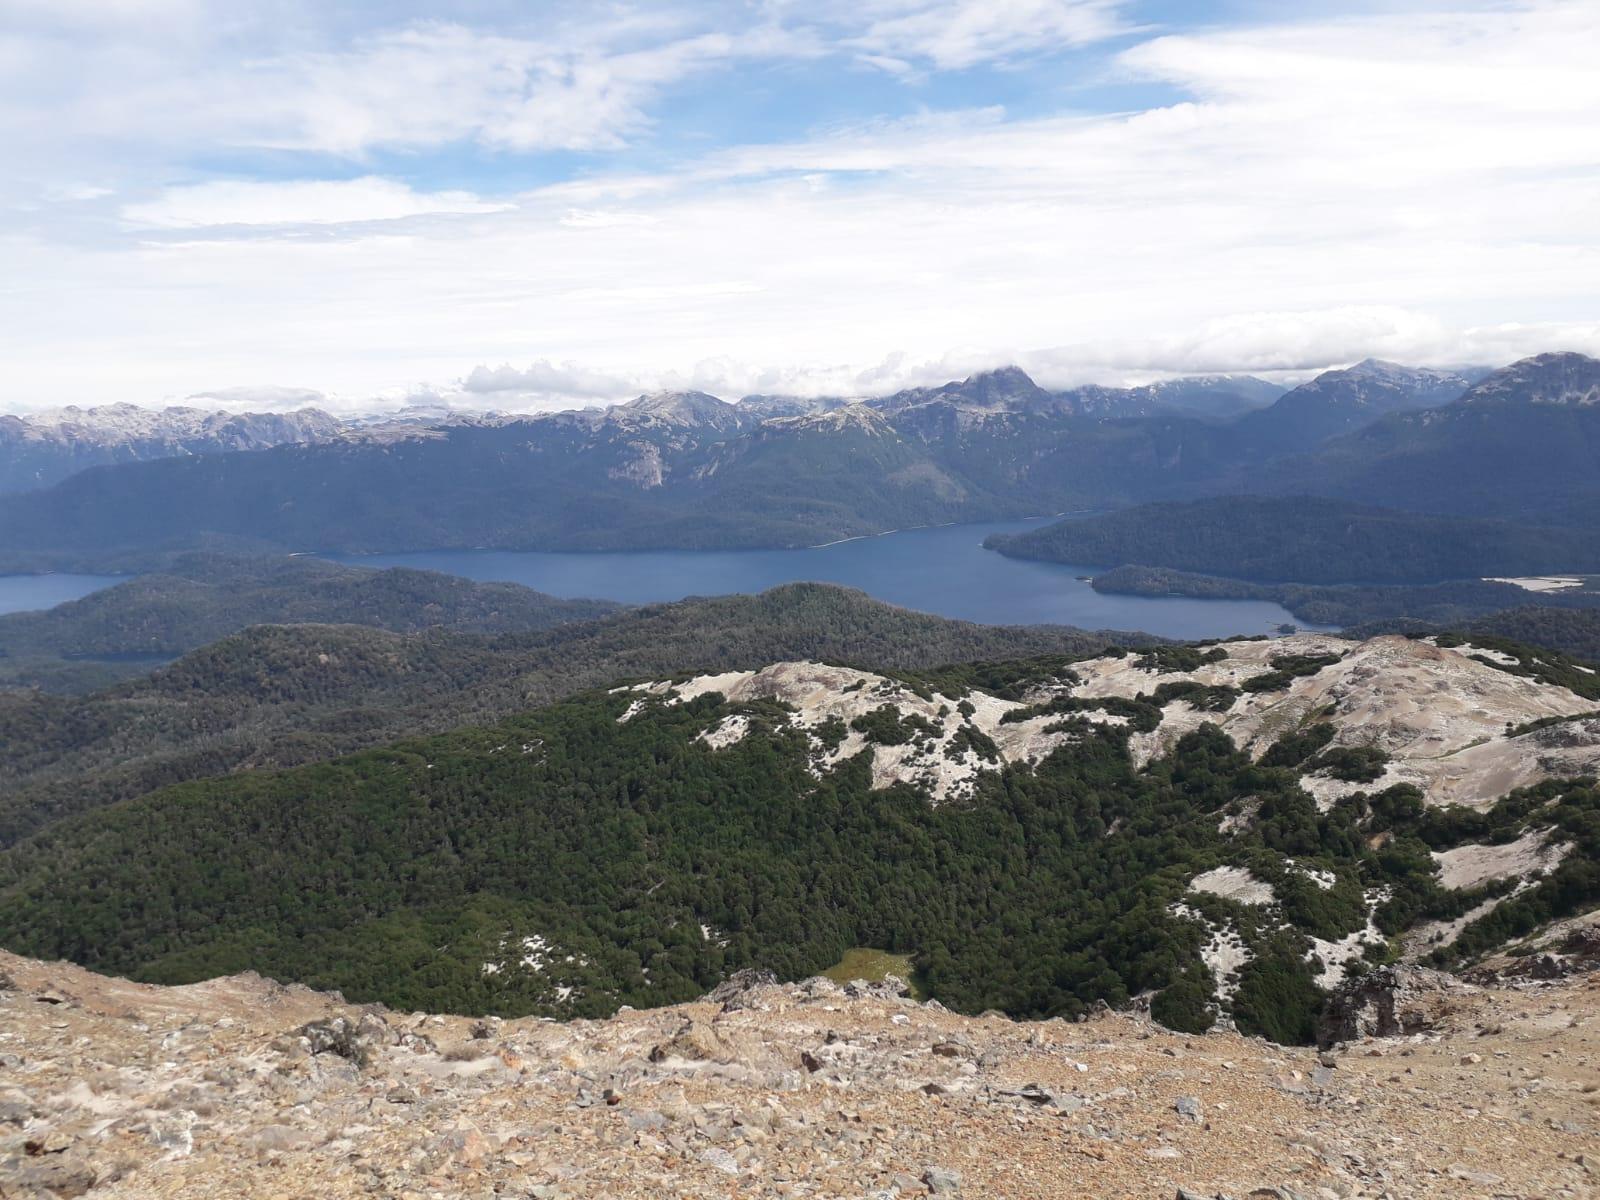 Cerro Mona